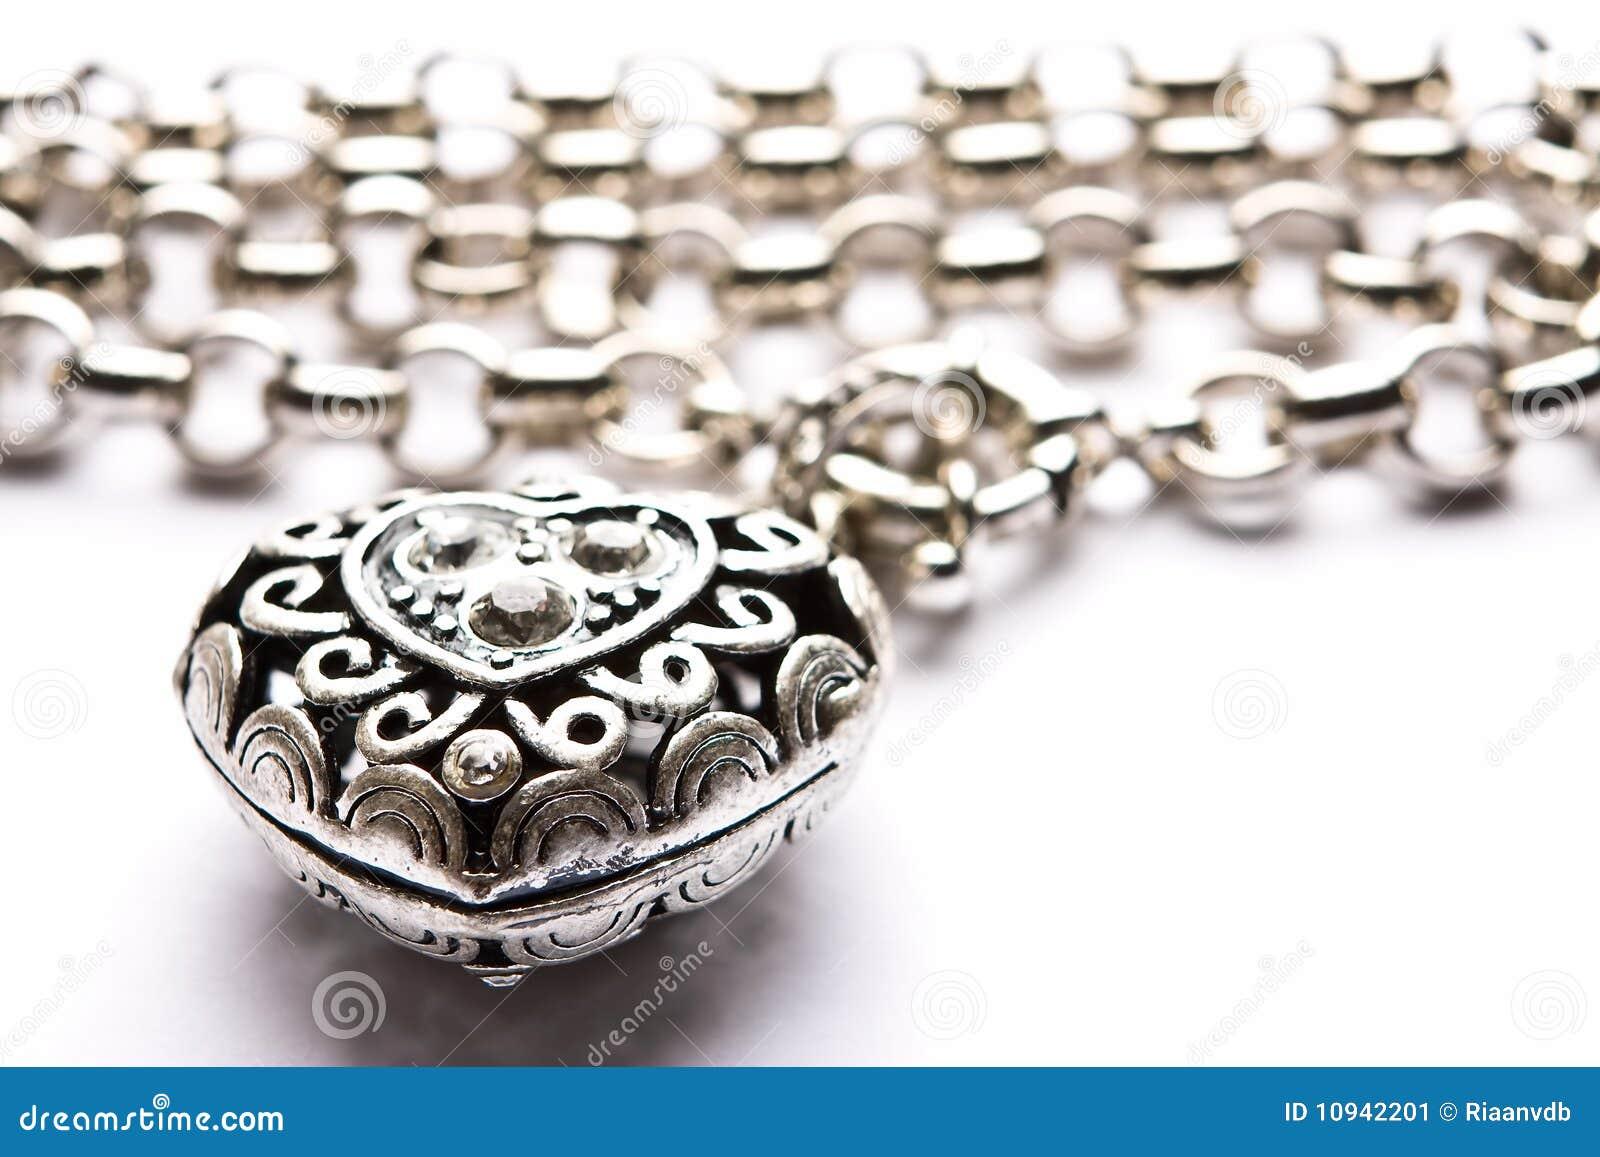 Juwelery costume